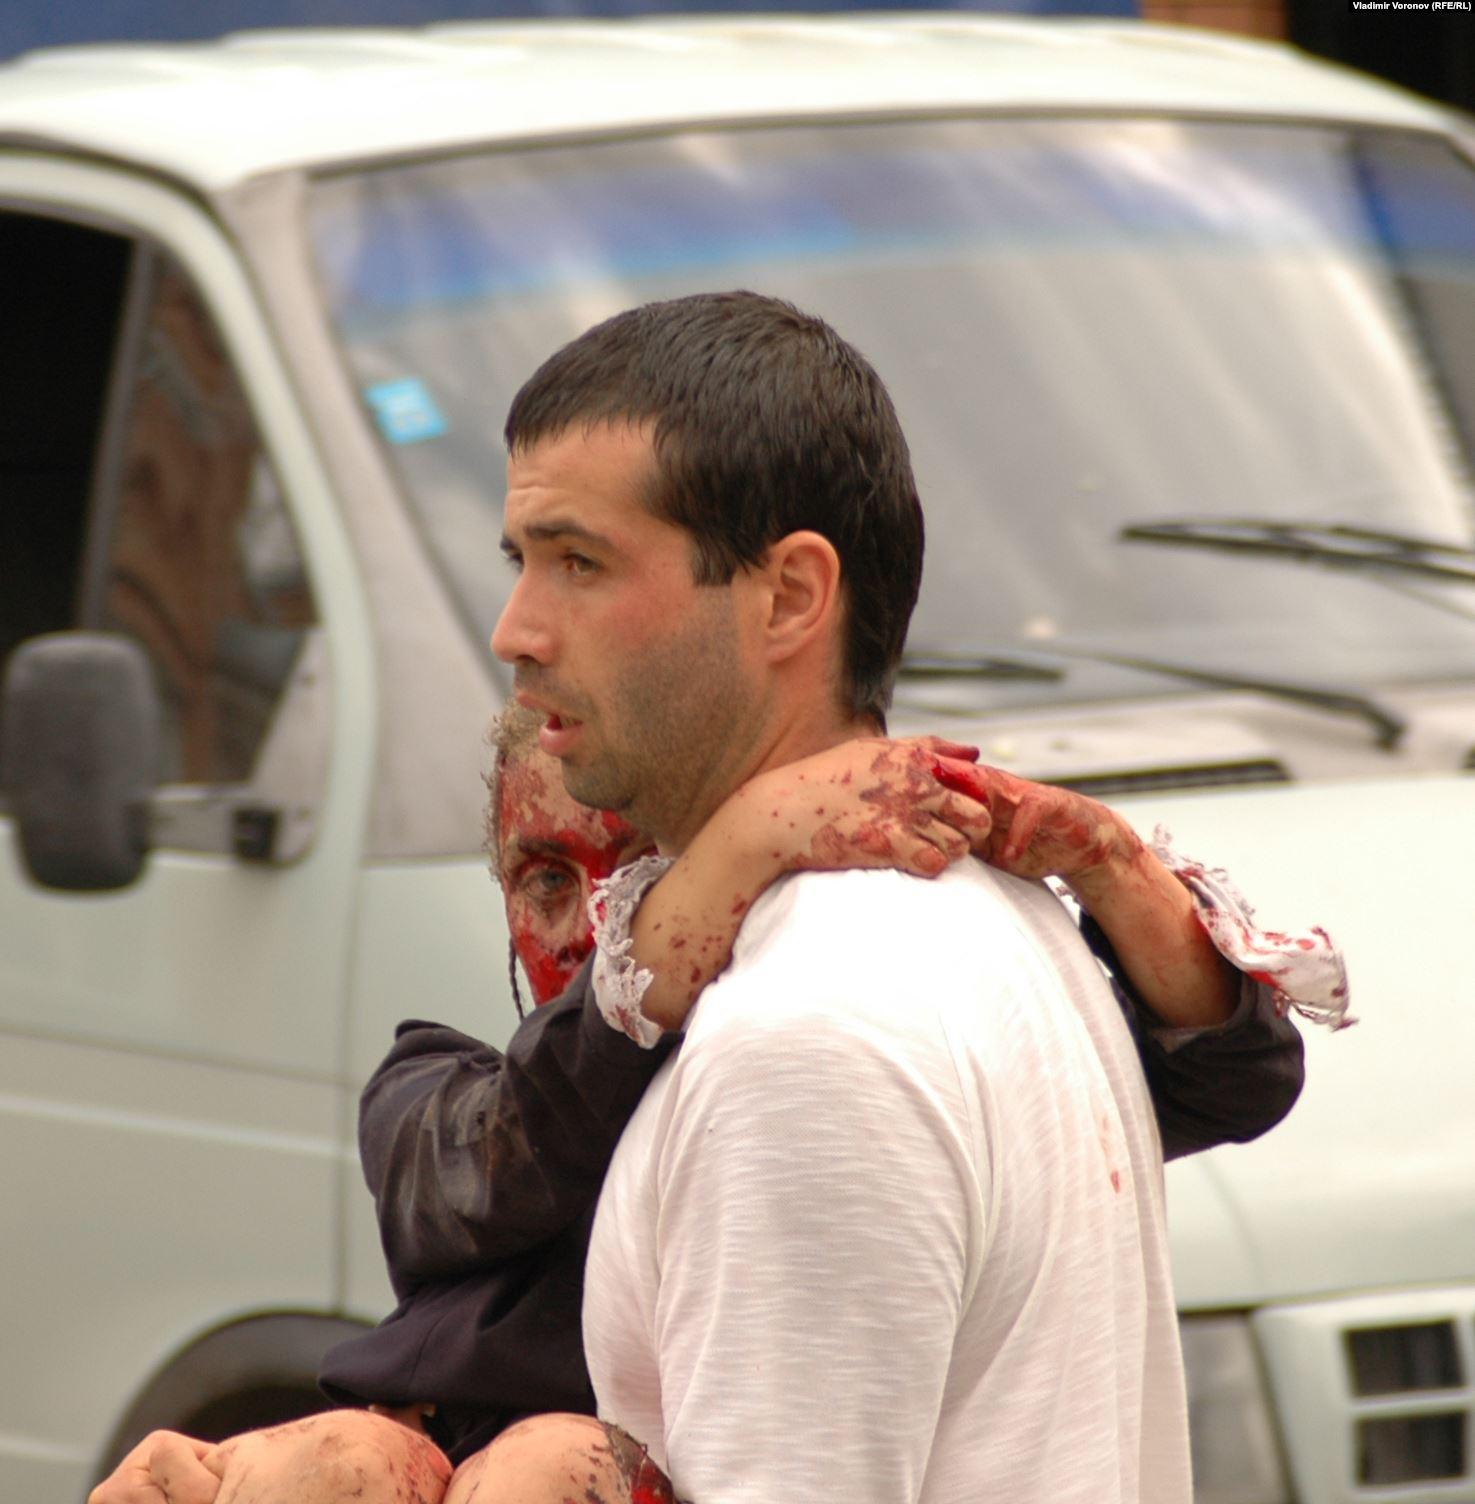 Спасшиеся дети были в тяжелом физическом и психическом состоянии